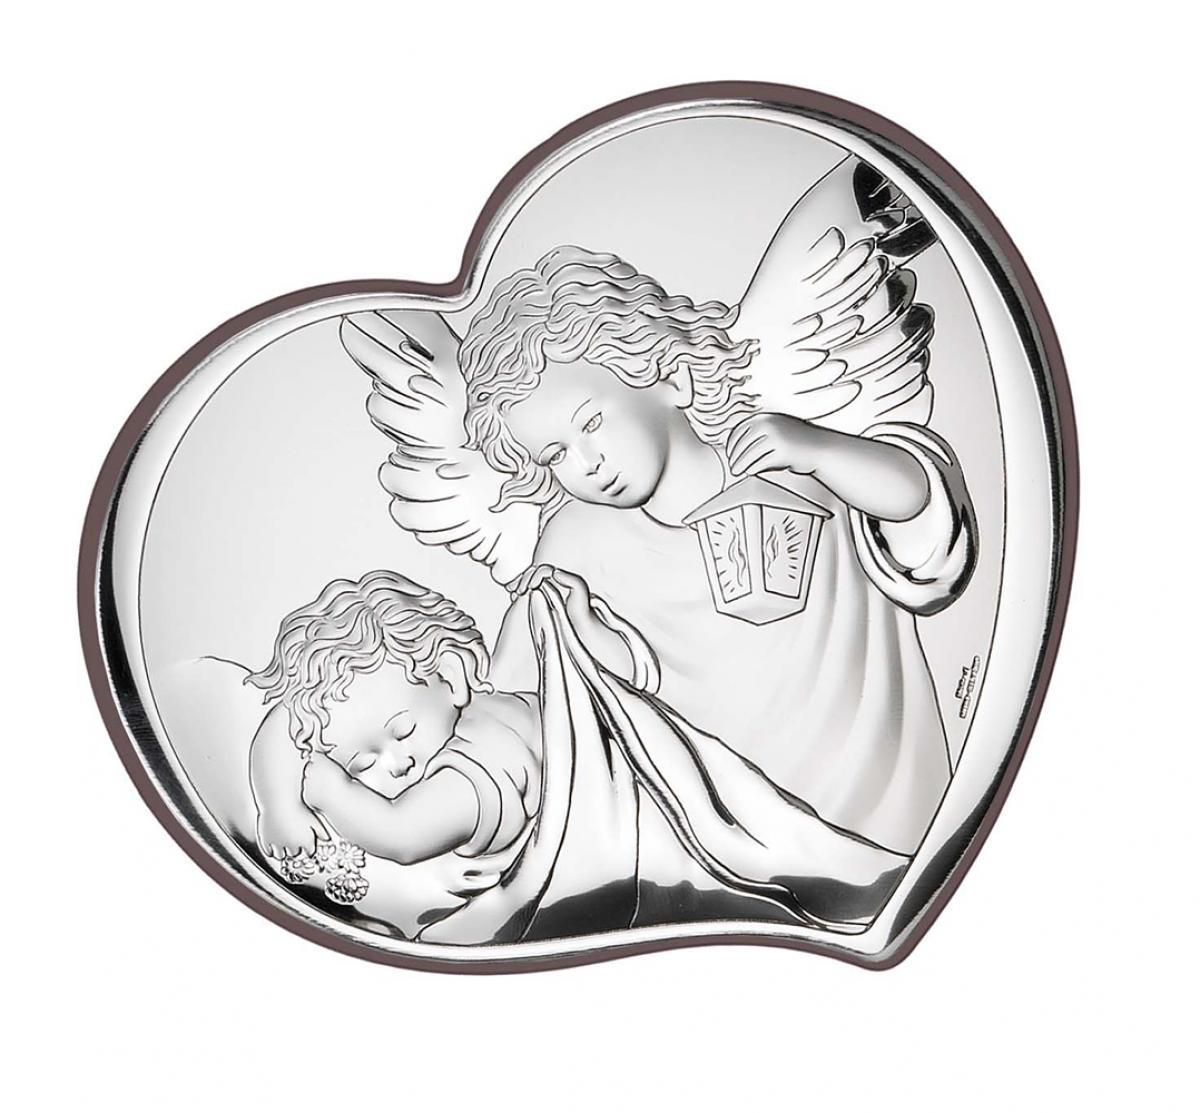 Ікона срібна Ангел-охоронець 9х11см 81258 2L